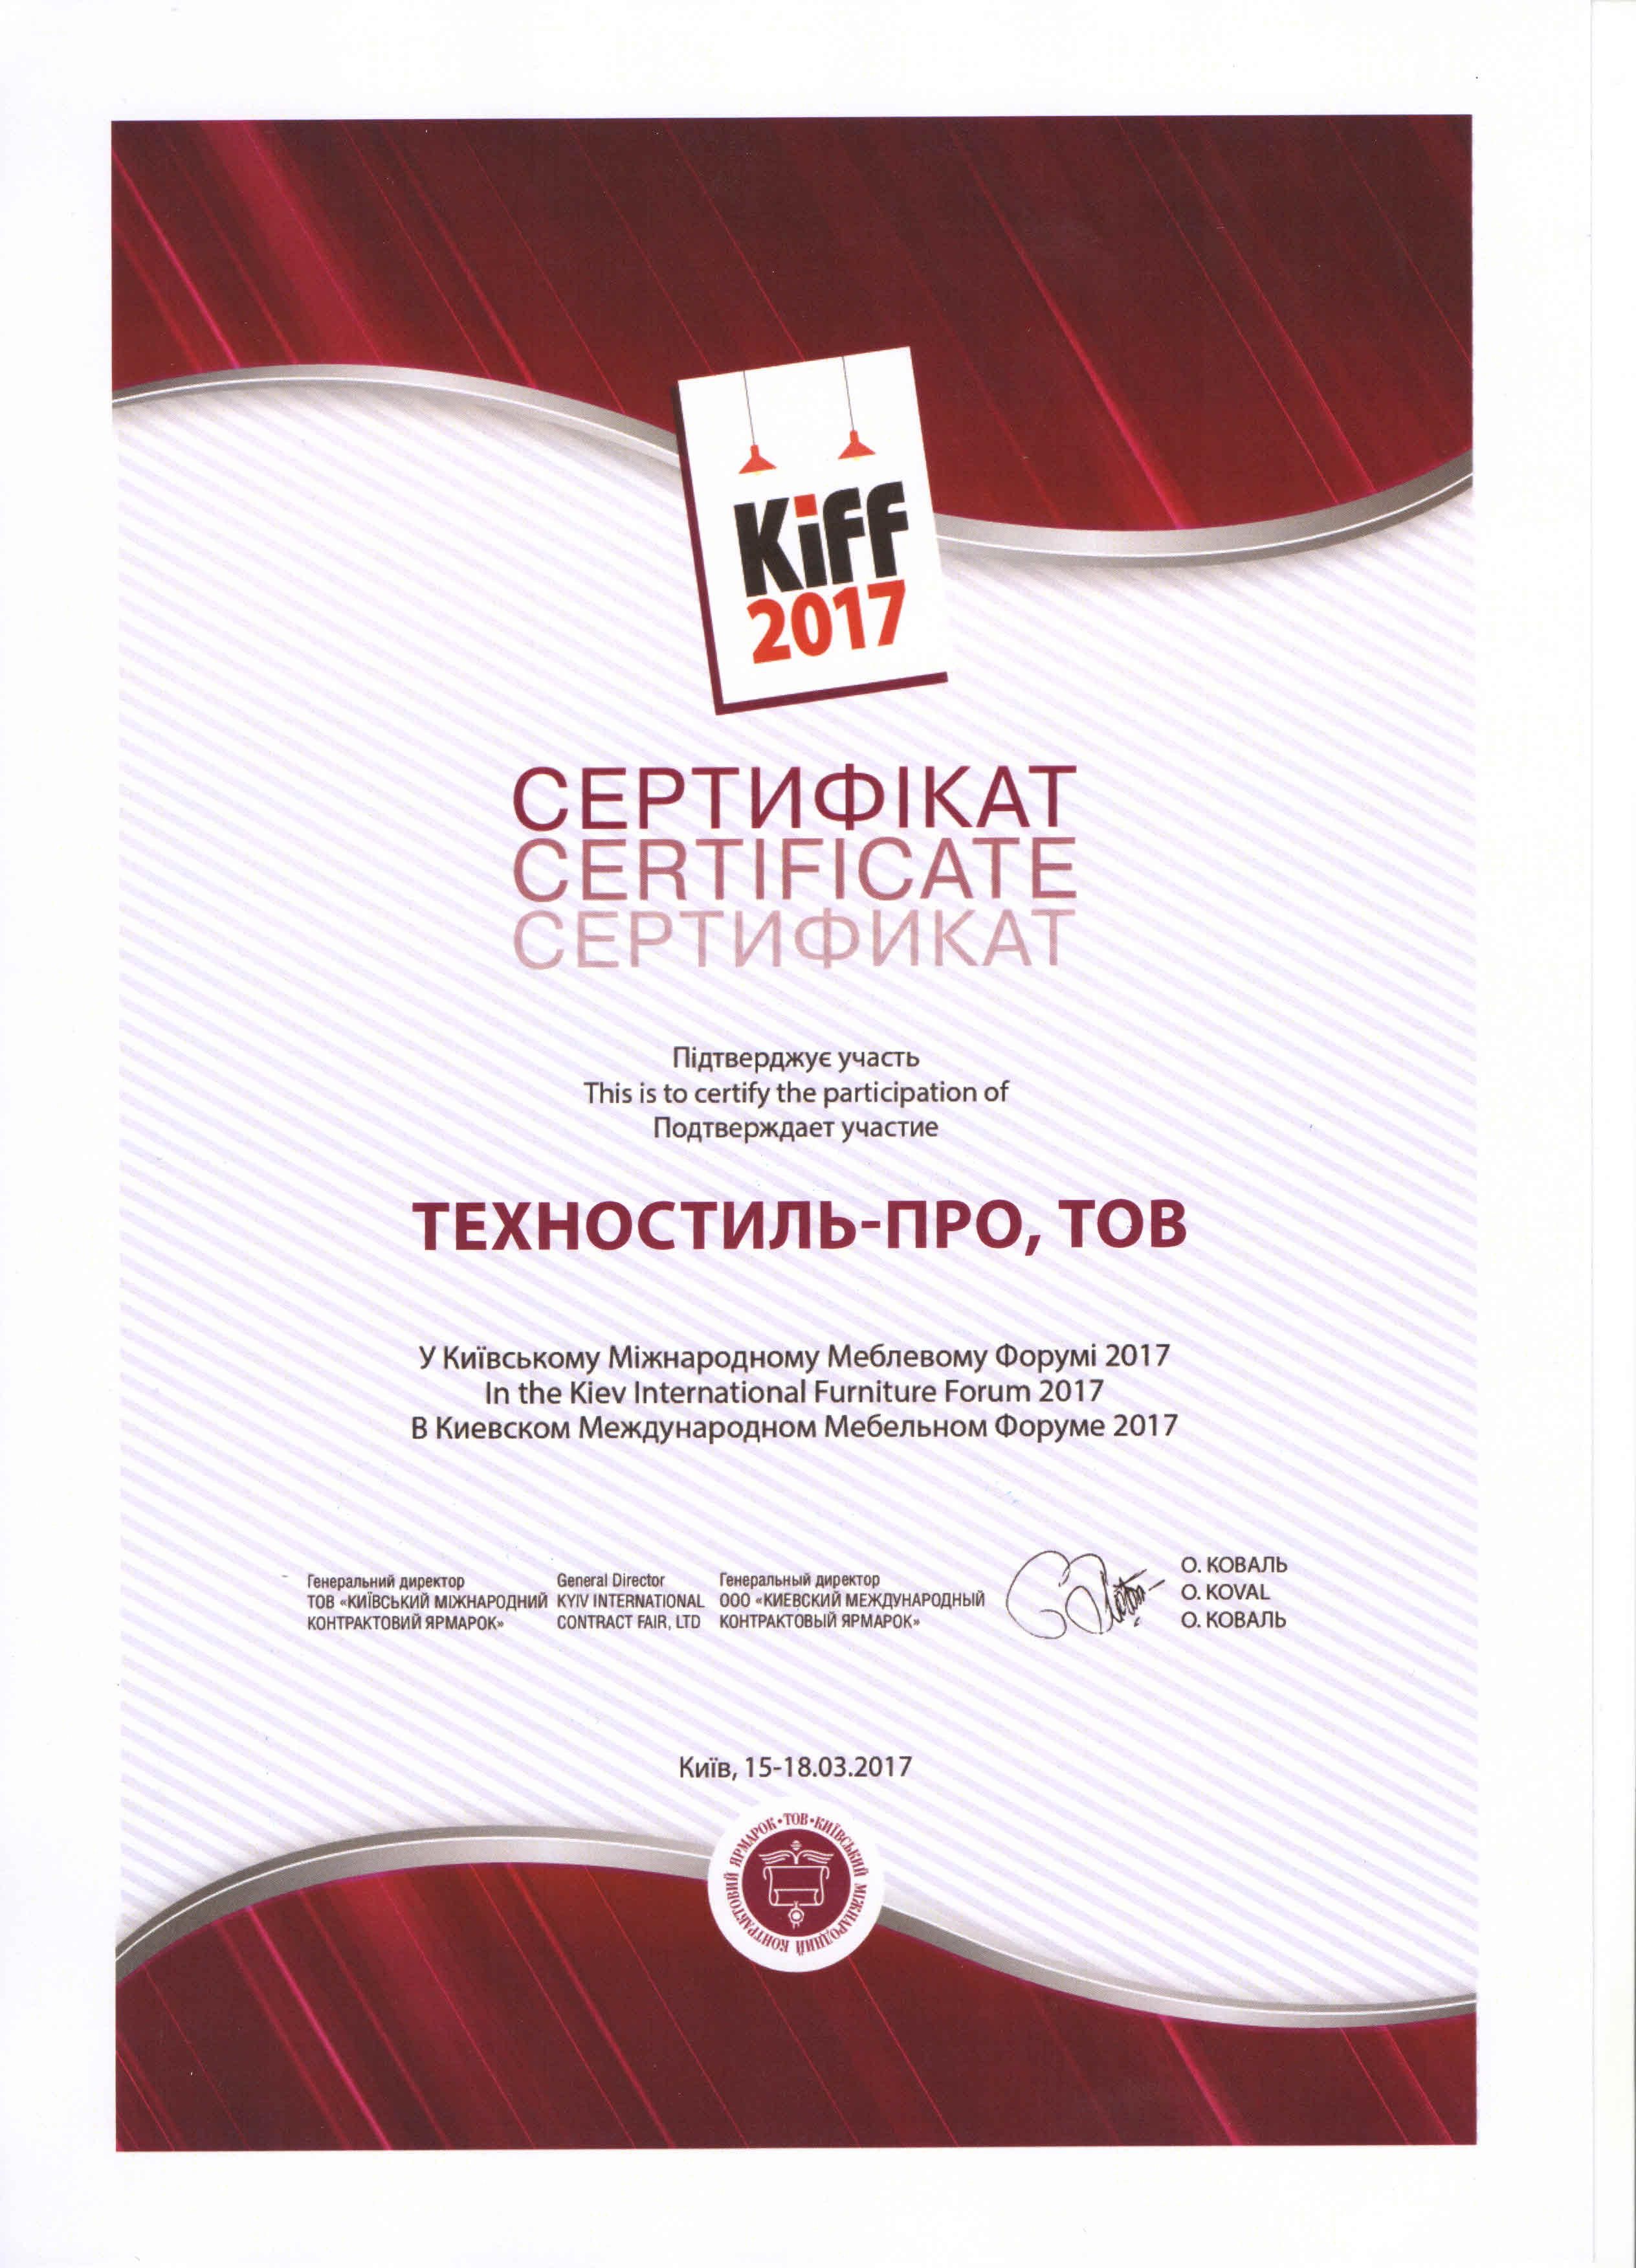 Сертификат Техностиль ПРО за участие в выставке KIFF-2017